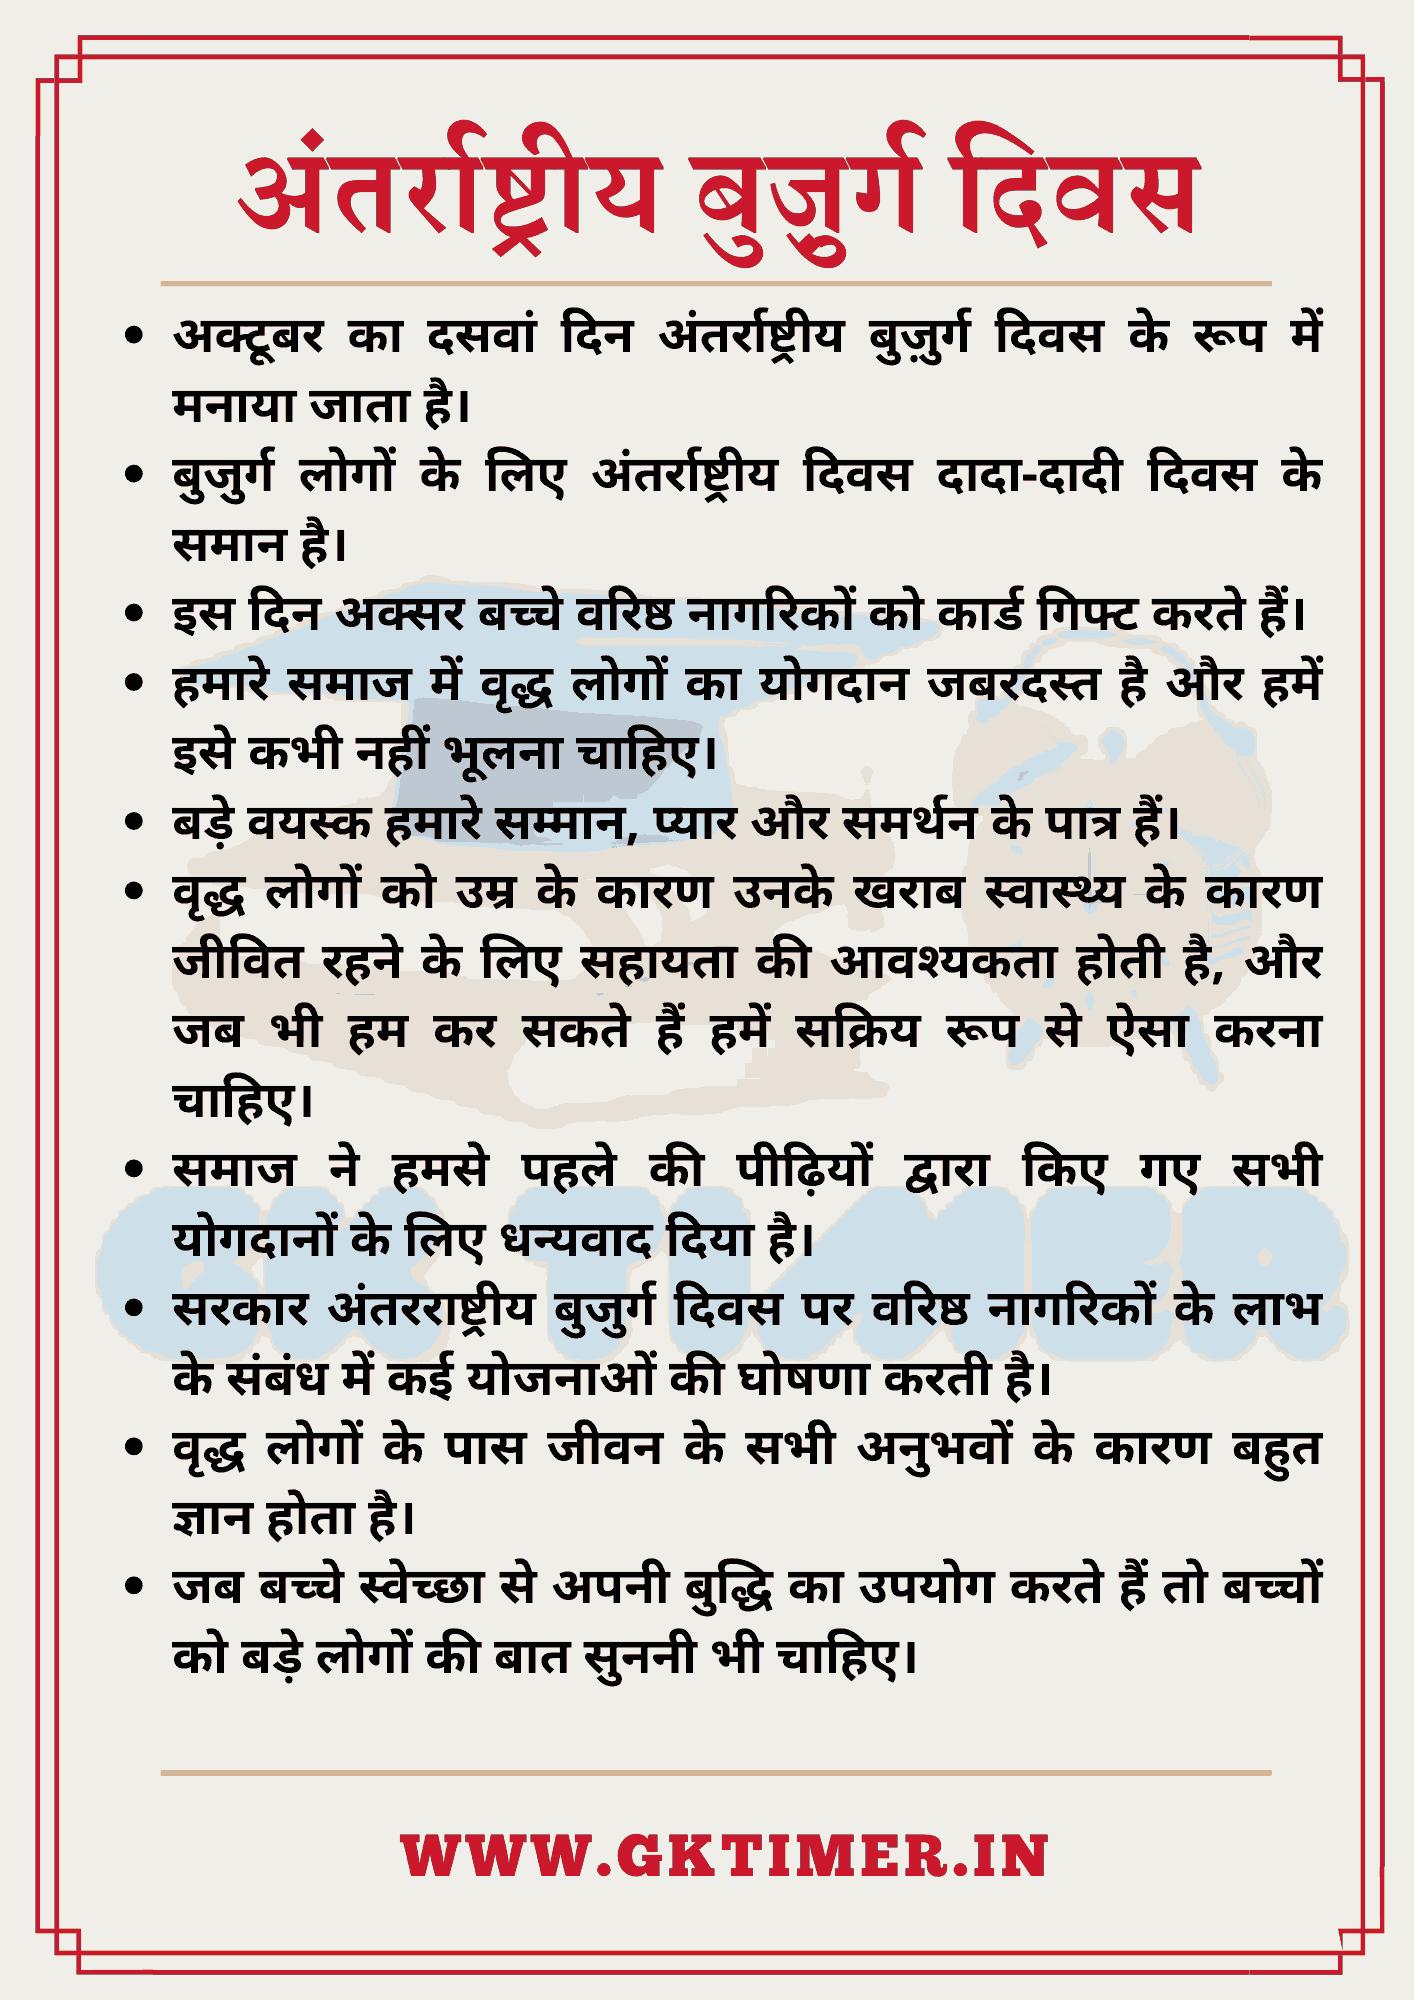 अंतर्राष्ट्रीय बुज़ुर्ग दिवस पर निबंध |  Essay on International Day for Elderly People in Hindi | 10 Lines on International Day for Elderly People  in Hindi